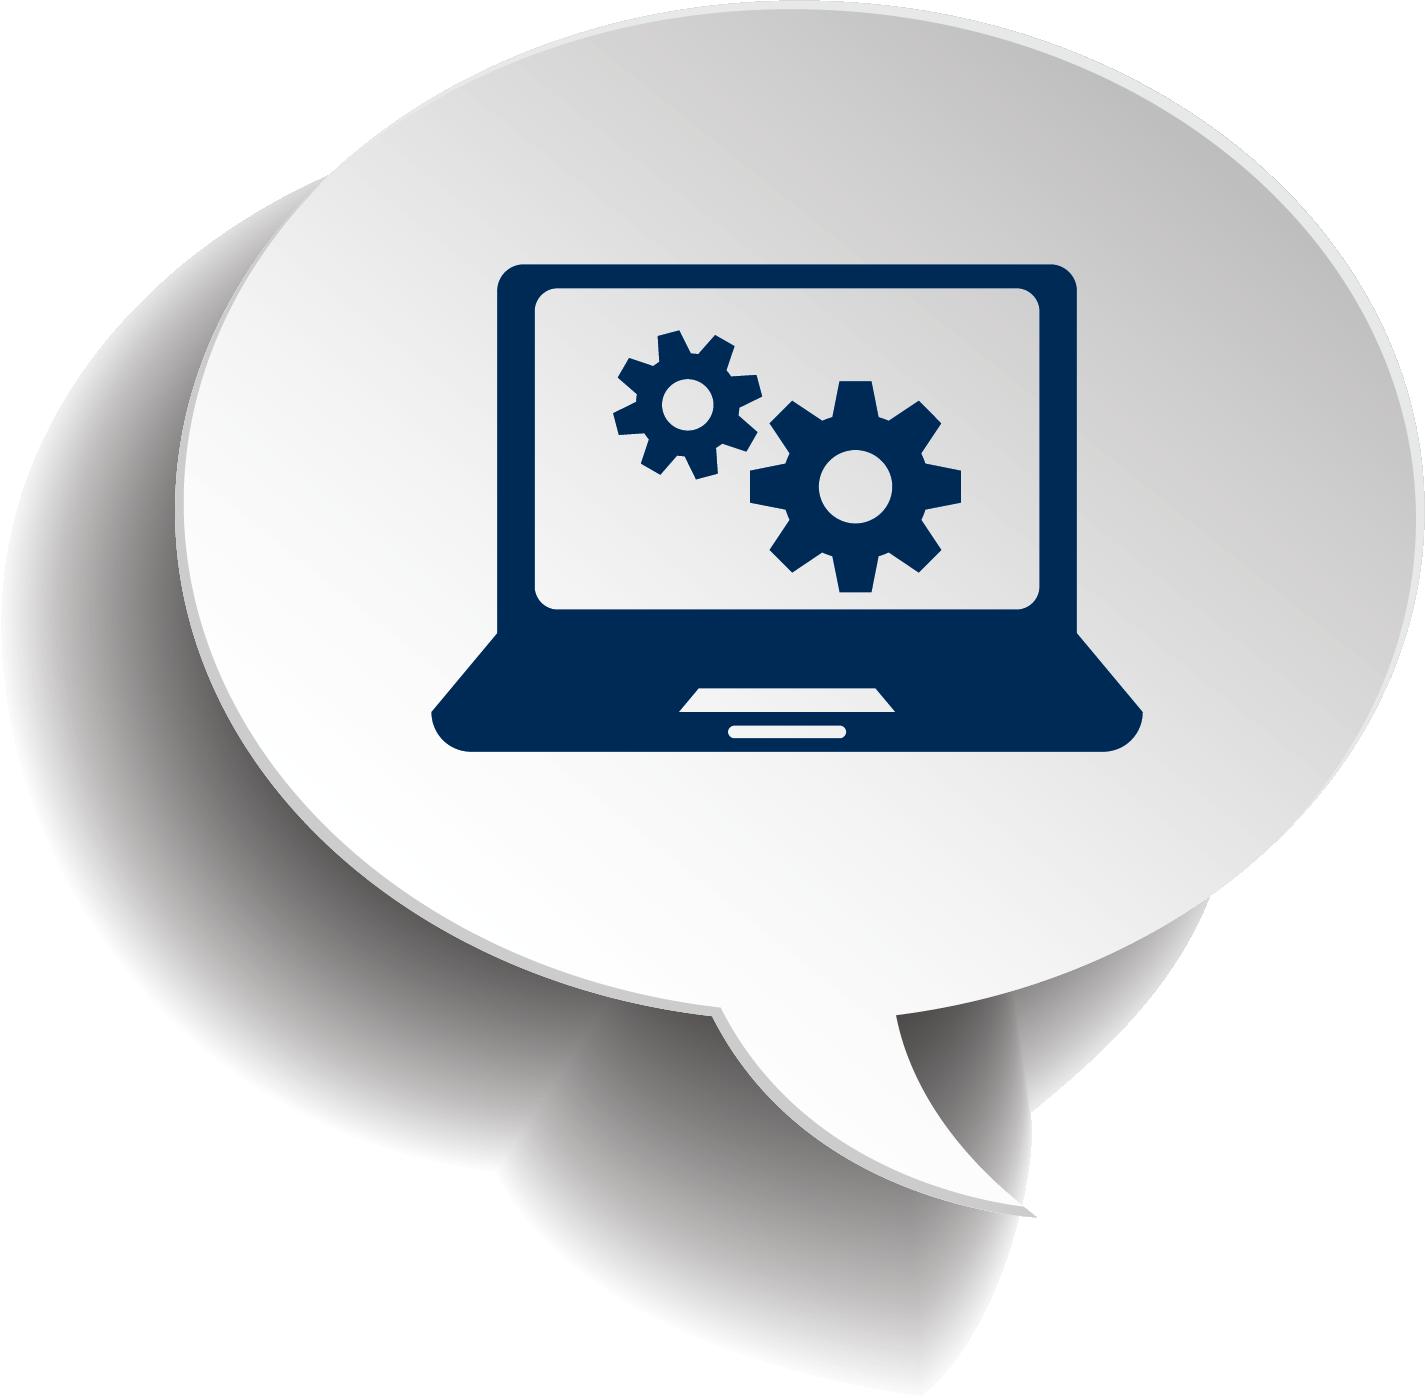 W biurze rachunkowym Poltax Toruń korzystamy z technologii nowoczesnej księgowości dzięki programowi enova365